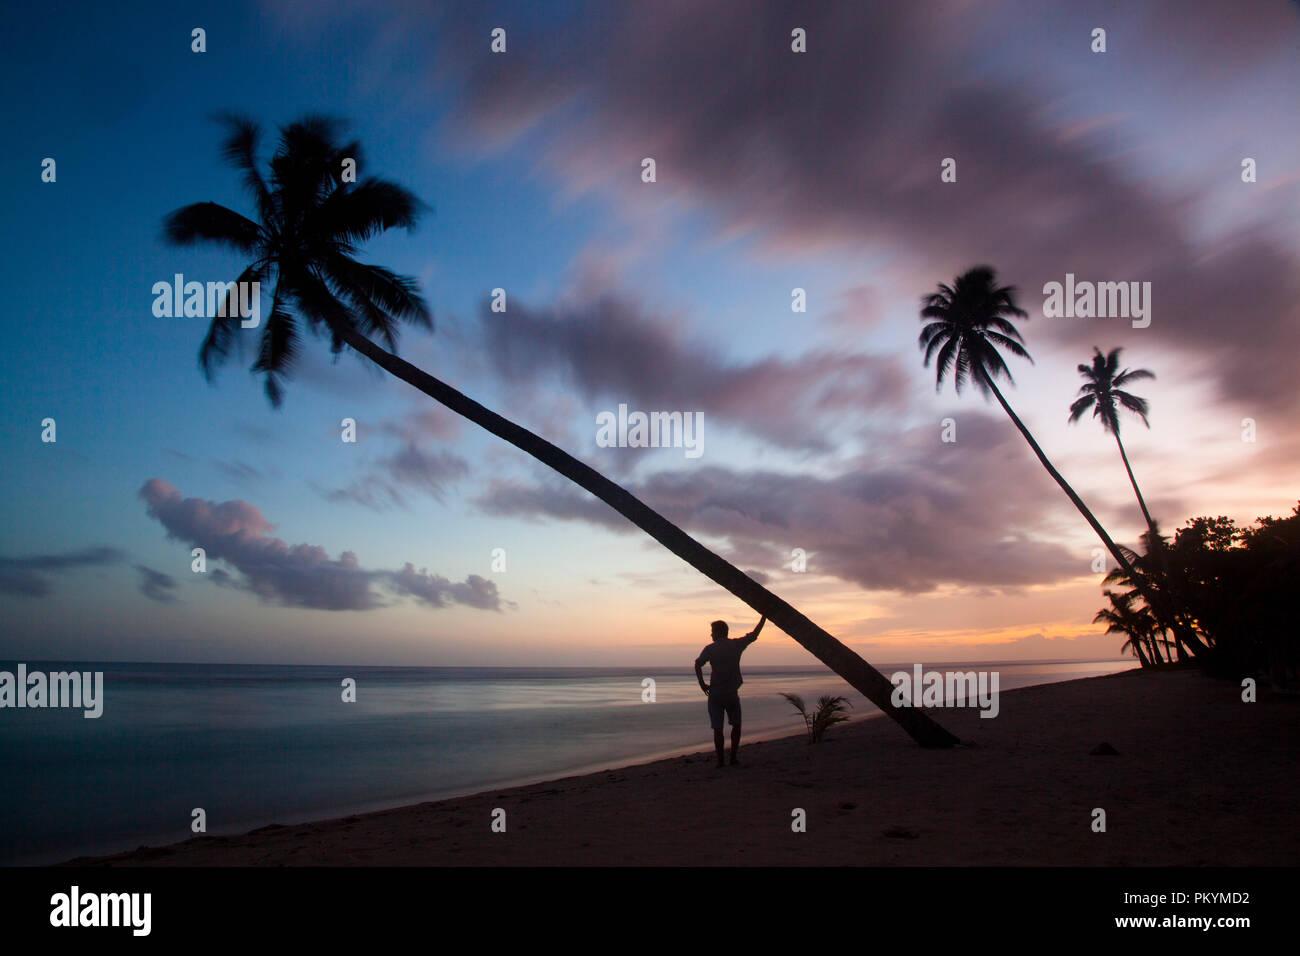 Sunset silhouettes near Lepa Beach, Upolu Island, Samoa. - Stock Image